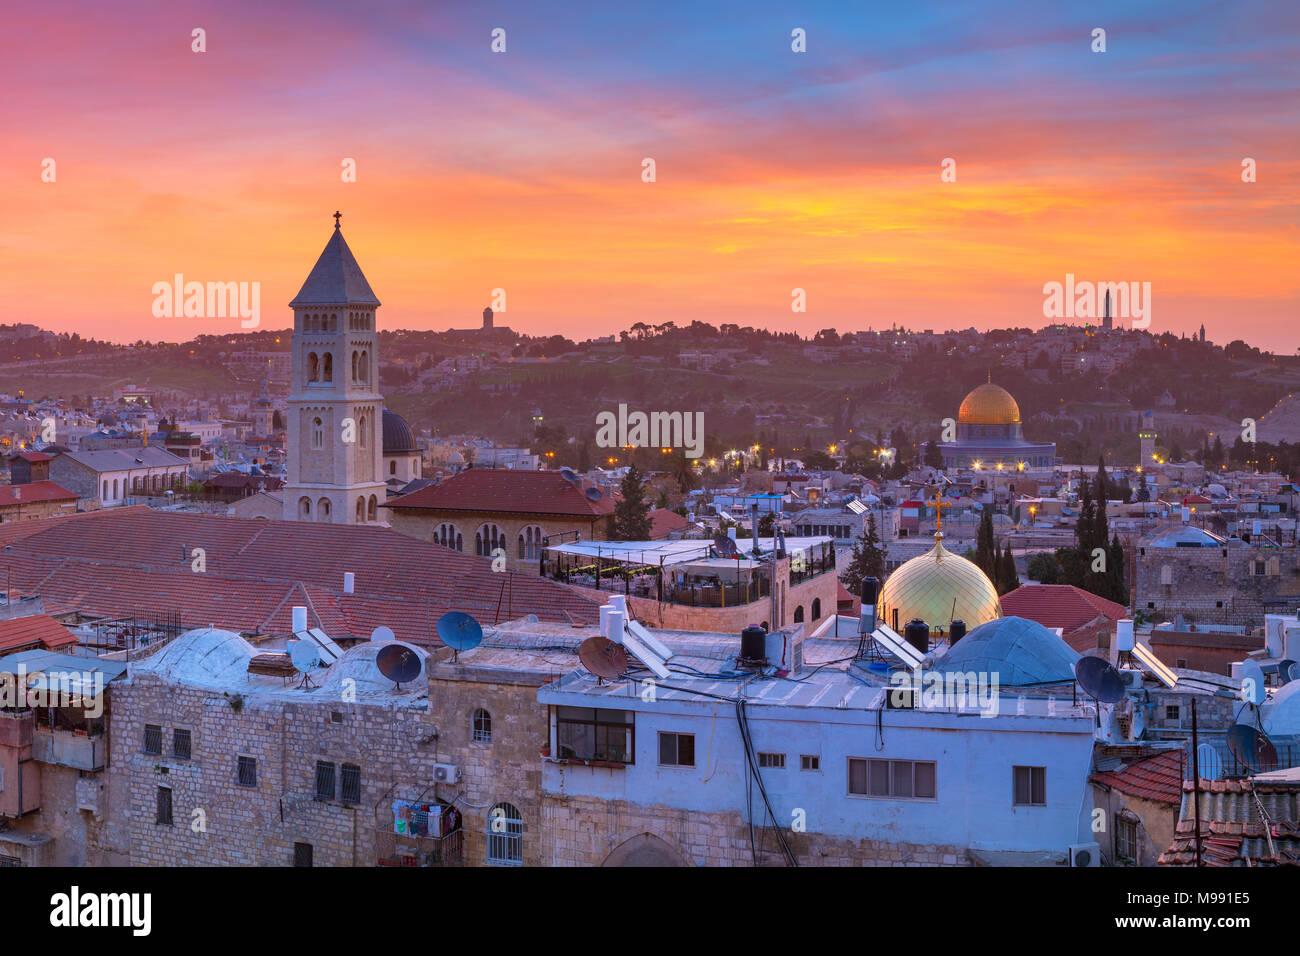 Jérusalem. Cityscape image de vieille ville de Jérusalem, Israël au lever du soleil. Banque D'Images